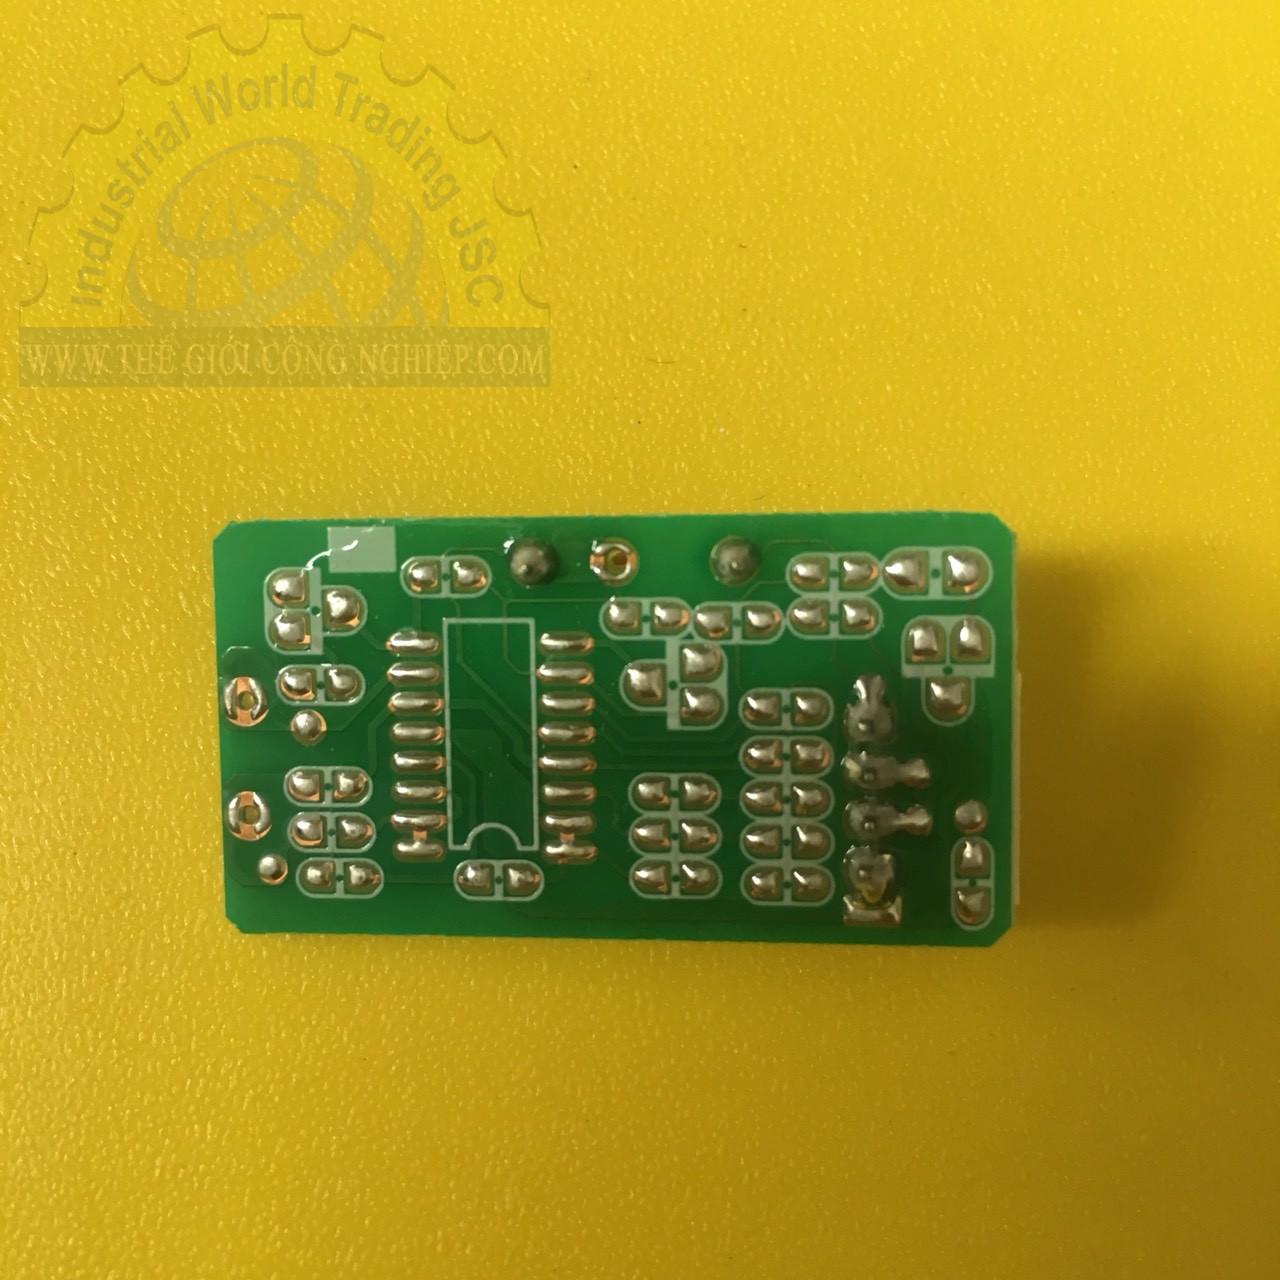 Cảm biến nhiệt độ 1991325  TGCN-45863 OEM-2255